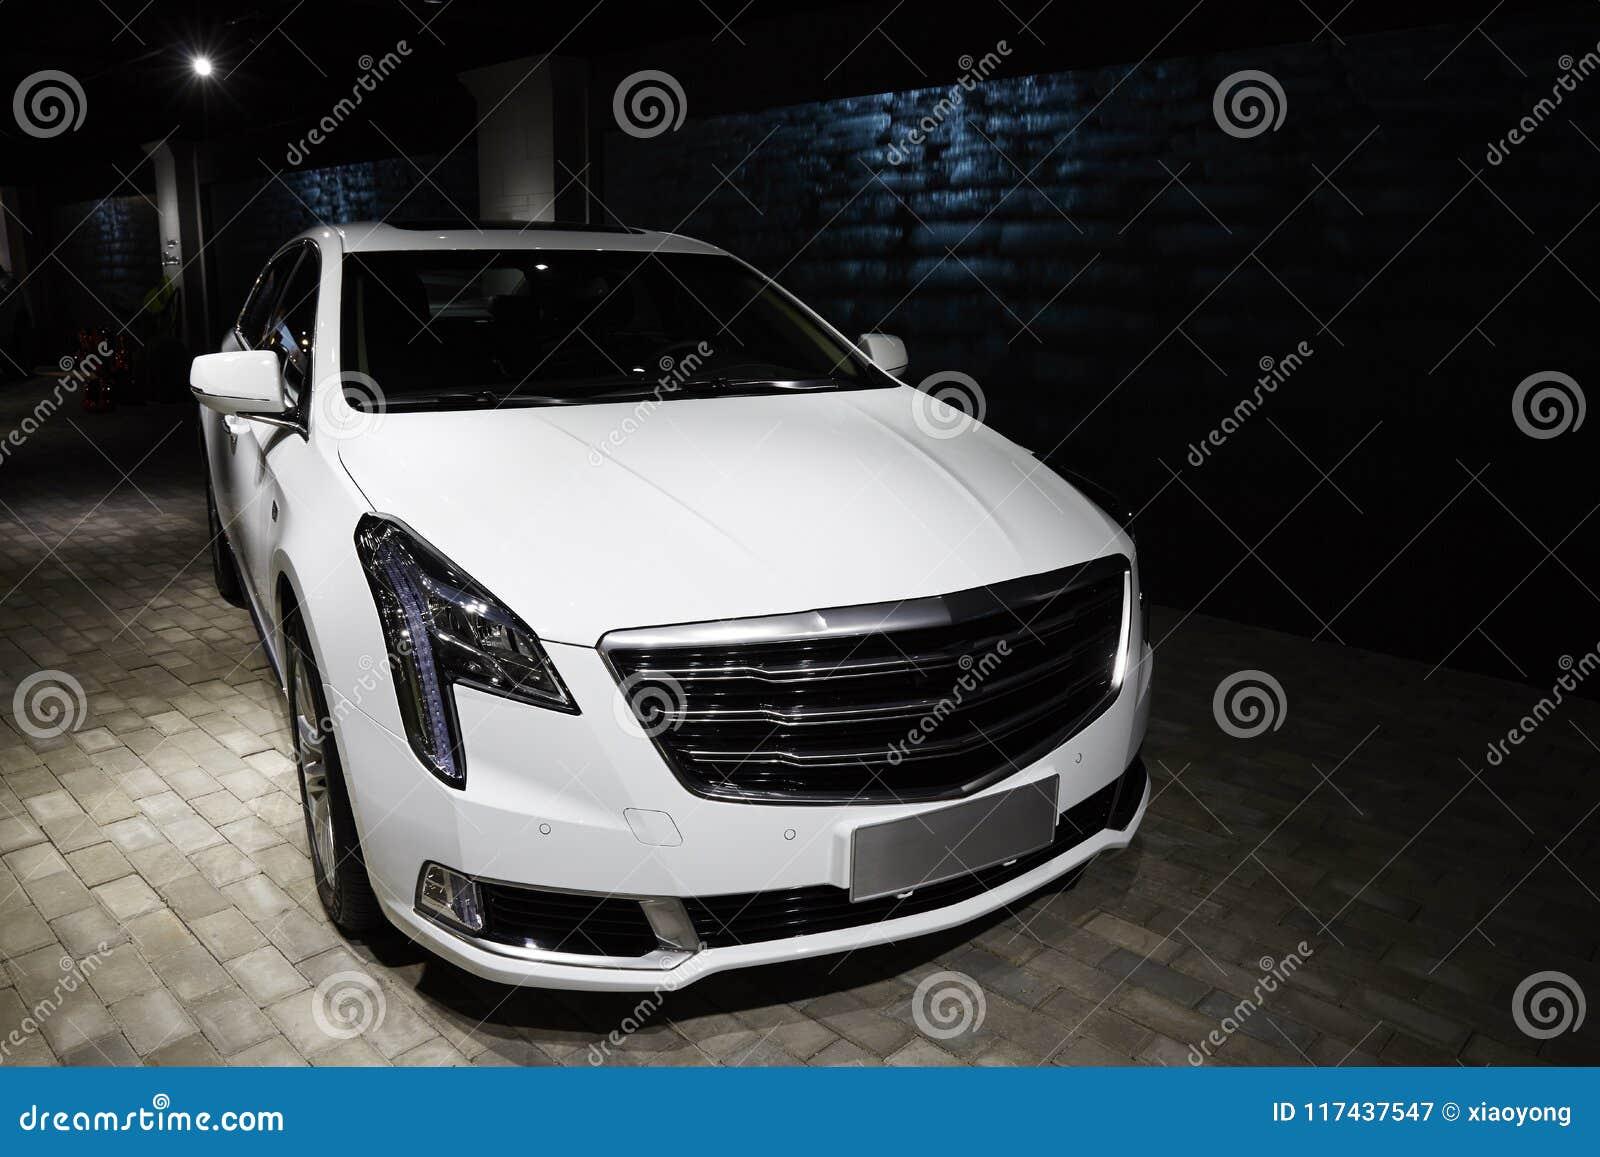 Luxury Car Cadillac Xts Stock Image Image Of Shanghai 117437547